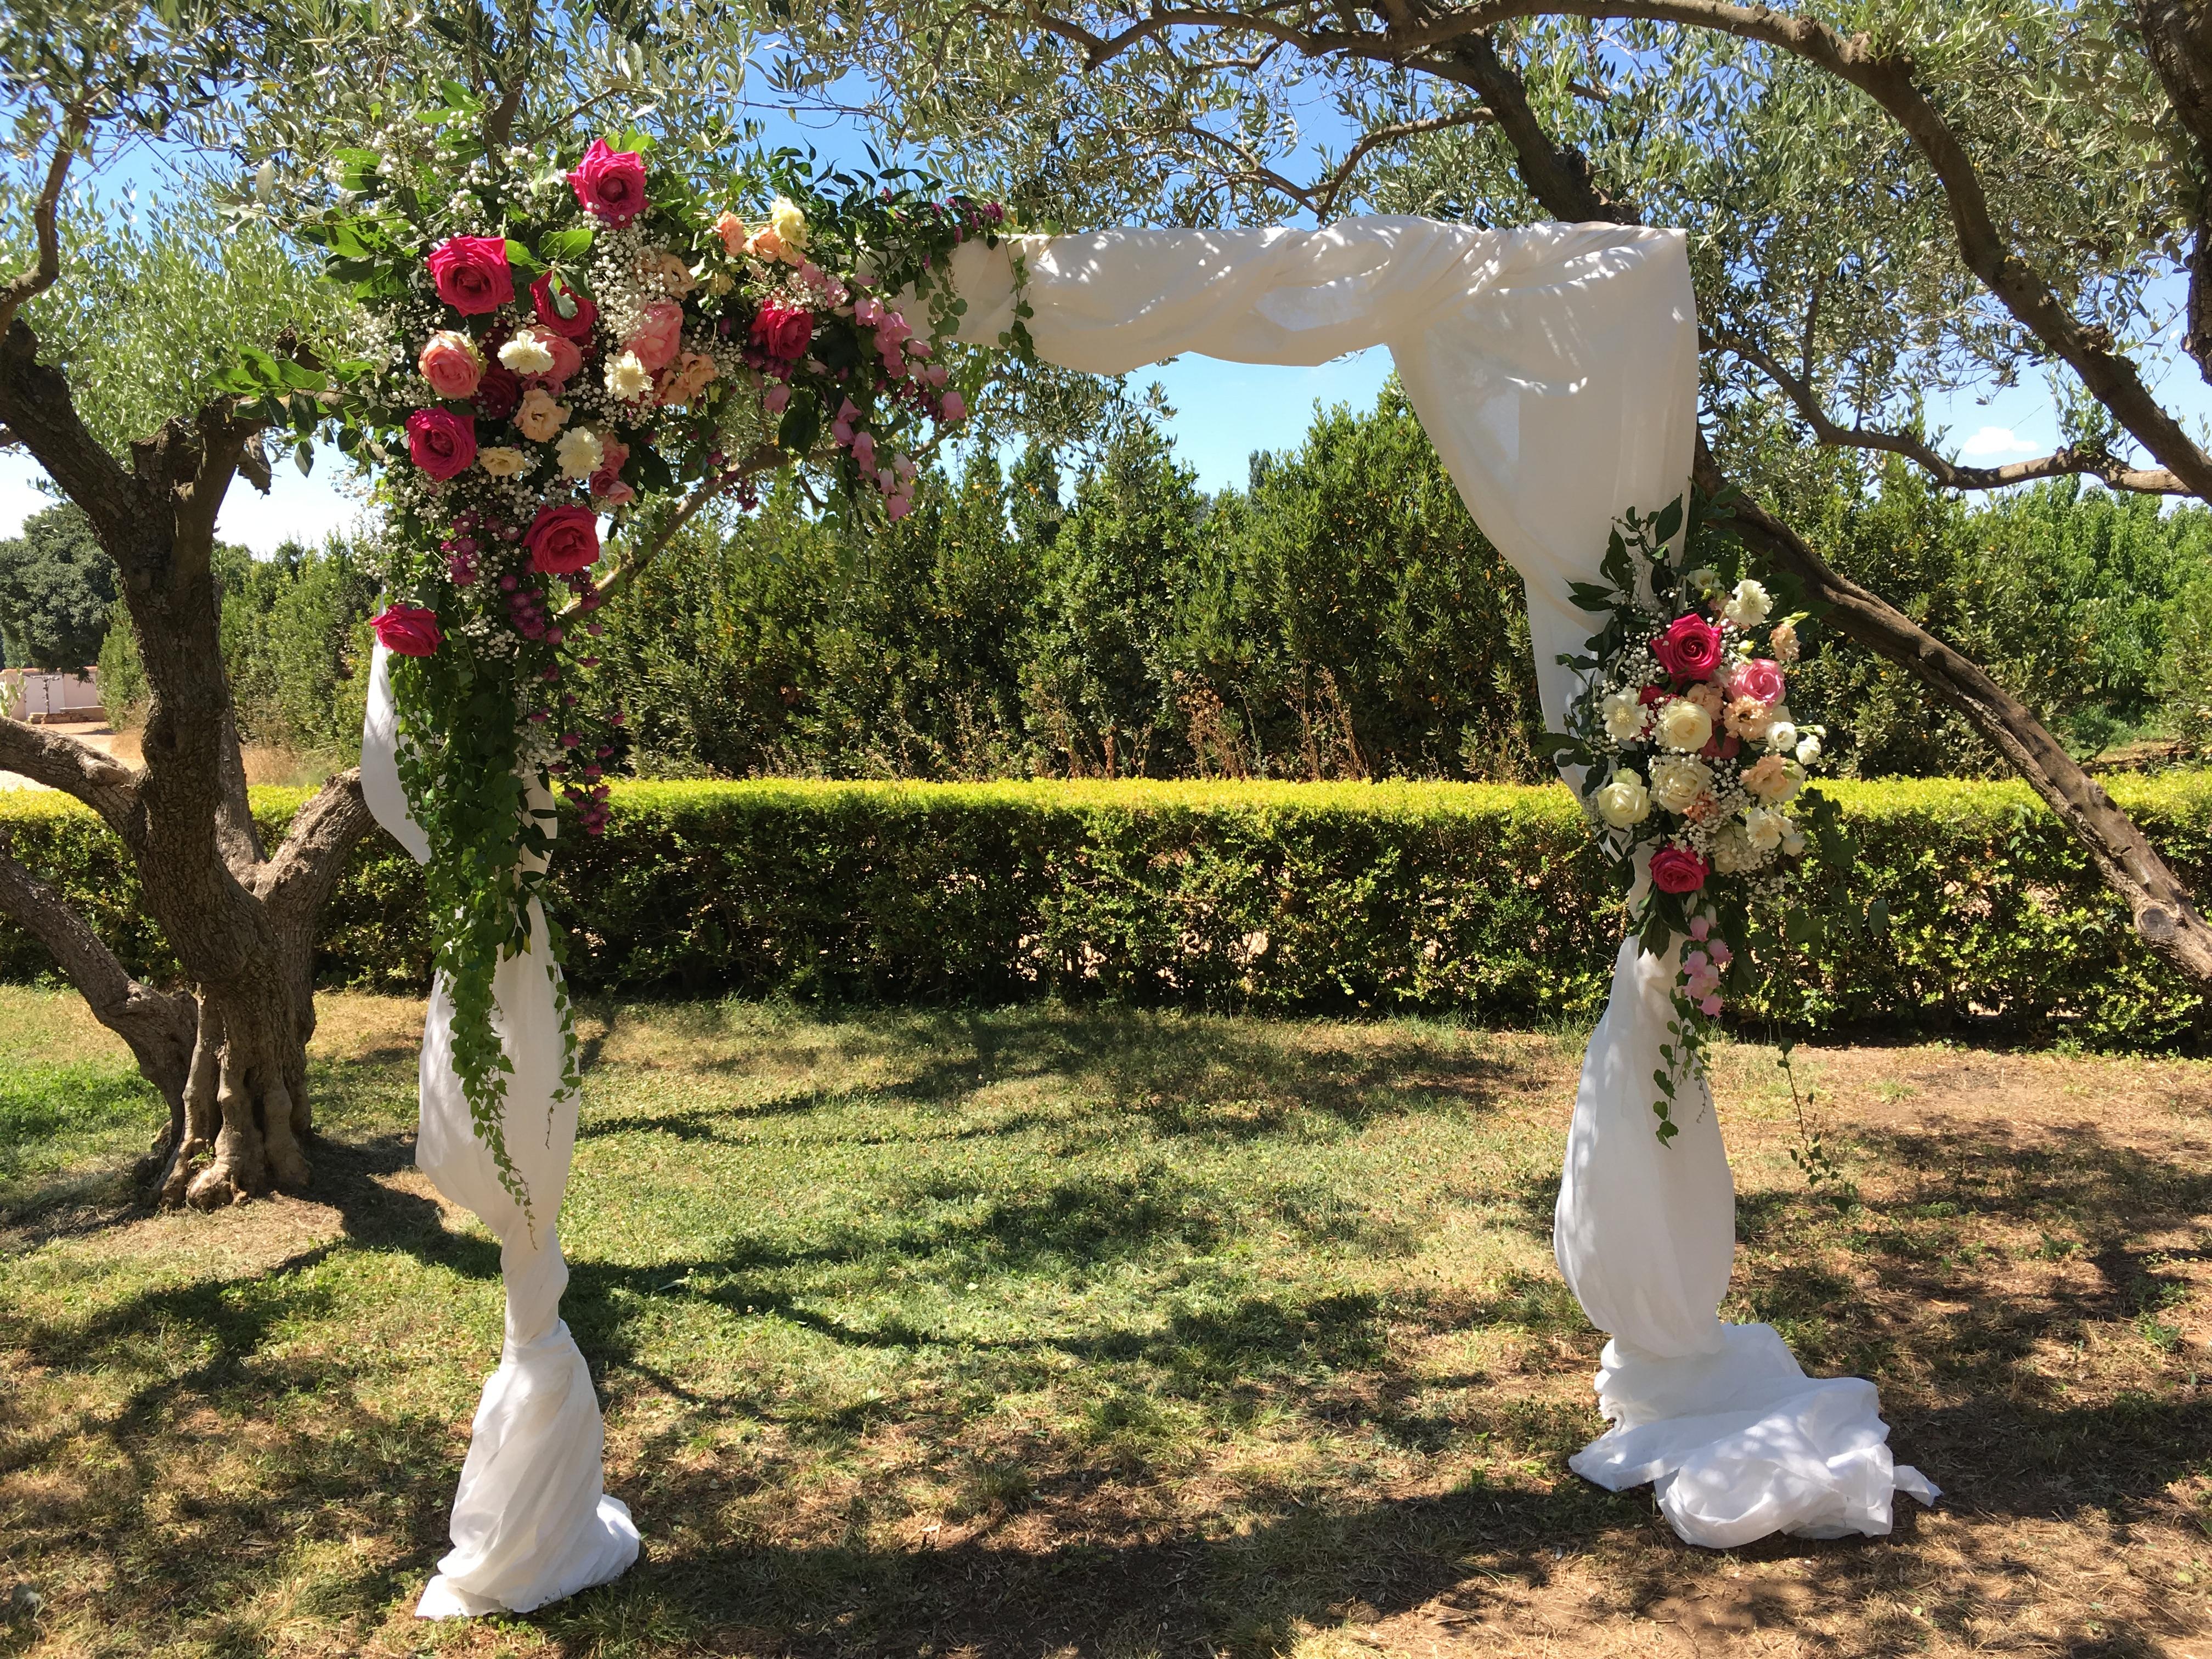 Arche roses lisianthus lierre Marlies Fleurs fleuriste Nimes